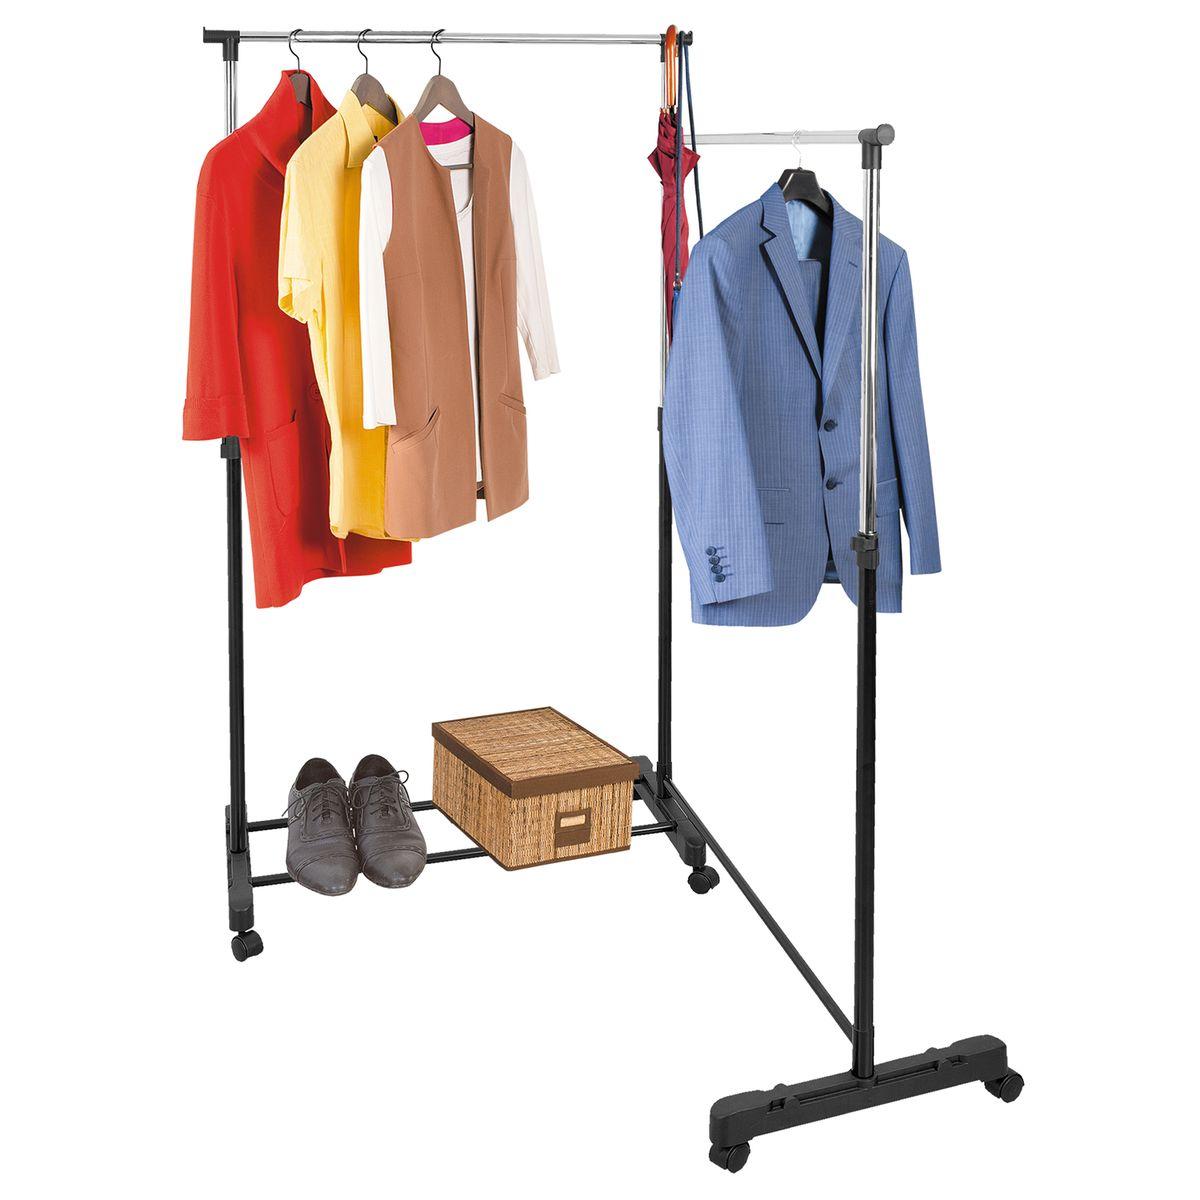 Стойка для одежды Tatkraft Twins, двойная, на колесах, с выдвижными штангами13377Двойная стойка Tatkraft Twins выполнена из хромированной стали и пластика. Она подойдет для хранения большого гардероба, а также незаменима для большой семьи. Свободно вращающиеся колесики и небольшой вес, обеспечивают стойке практически неограниченную мобильность, что, с одной стороны, существенно облегчает уборку, а с другой - не стесняет ваших передвижений в собственном доме. Прочная основа и регулируемая форма стойки для одежды с легкостью выдерживают вес до 30 кг, она может вместить до 40 вешалок с рубашками, платьями и с верхней одеждой. Крючки по бокам позволят хранить сумки и зонты, а на планках внизу стойки можно компактно поместить коробки с обувью. Надежные зажимы регулируют высоту планки комфортную именно для вас. В современной жизни с ее быстрым ритмом ценится каждая минута, а порядок в доме позволяет не тратить лишнее время на поиск вещей. Важно, чтобы все было под рукой, занимало как можно меньше места и служило...